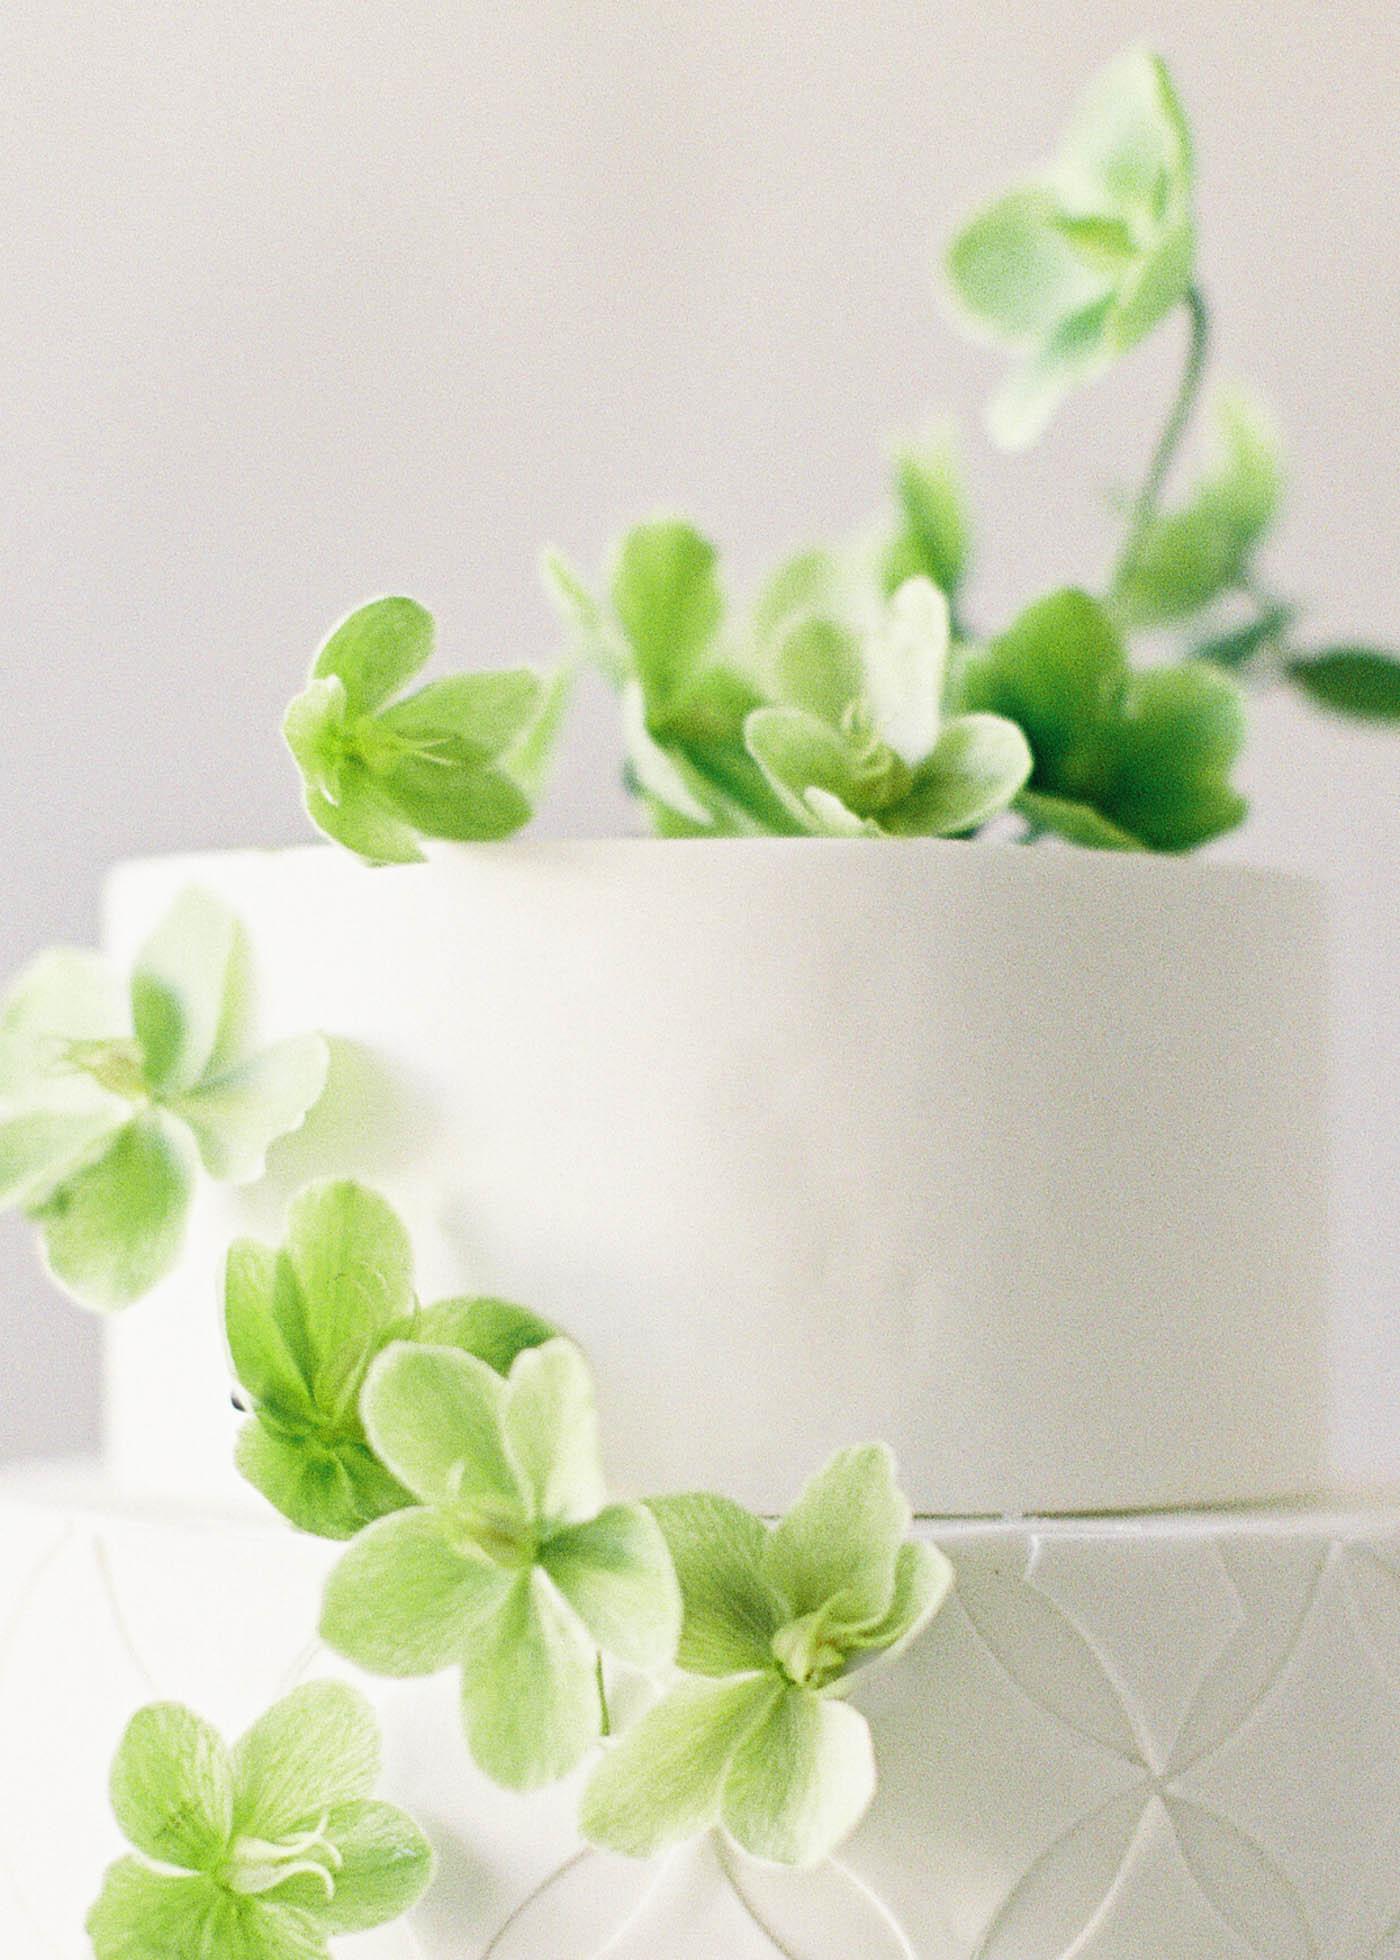 Cake-Favorites-17-Jen_Huang-000486-R1-049-23.jpg